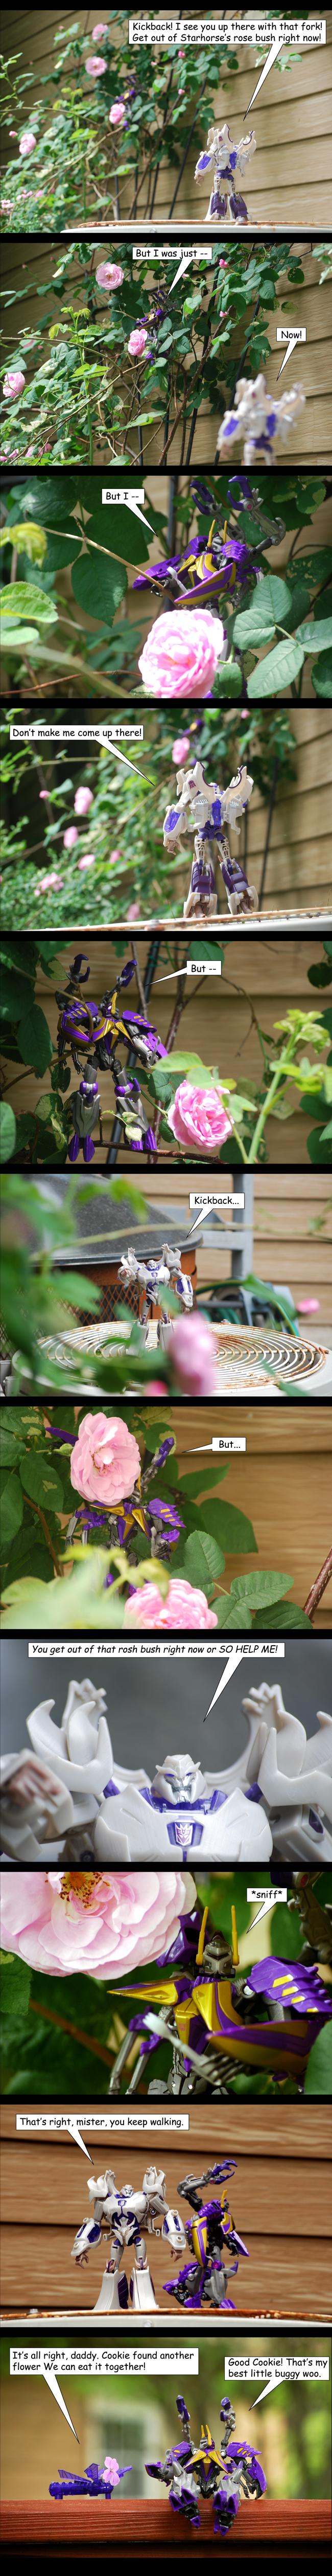 Garden Pest by The-Starhorse